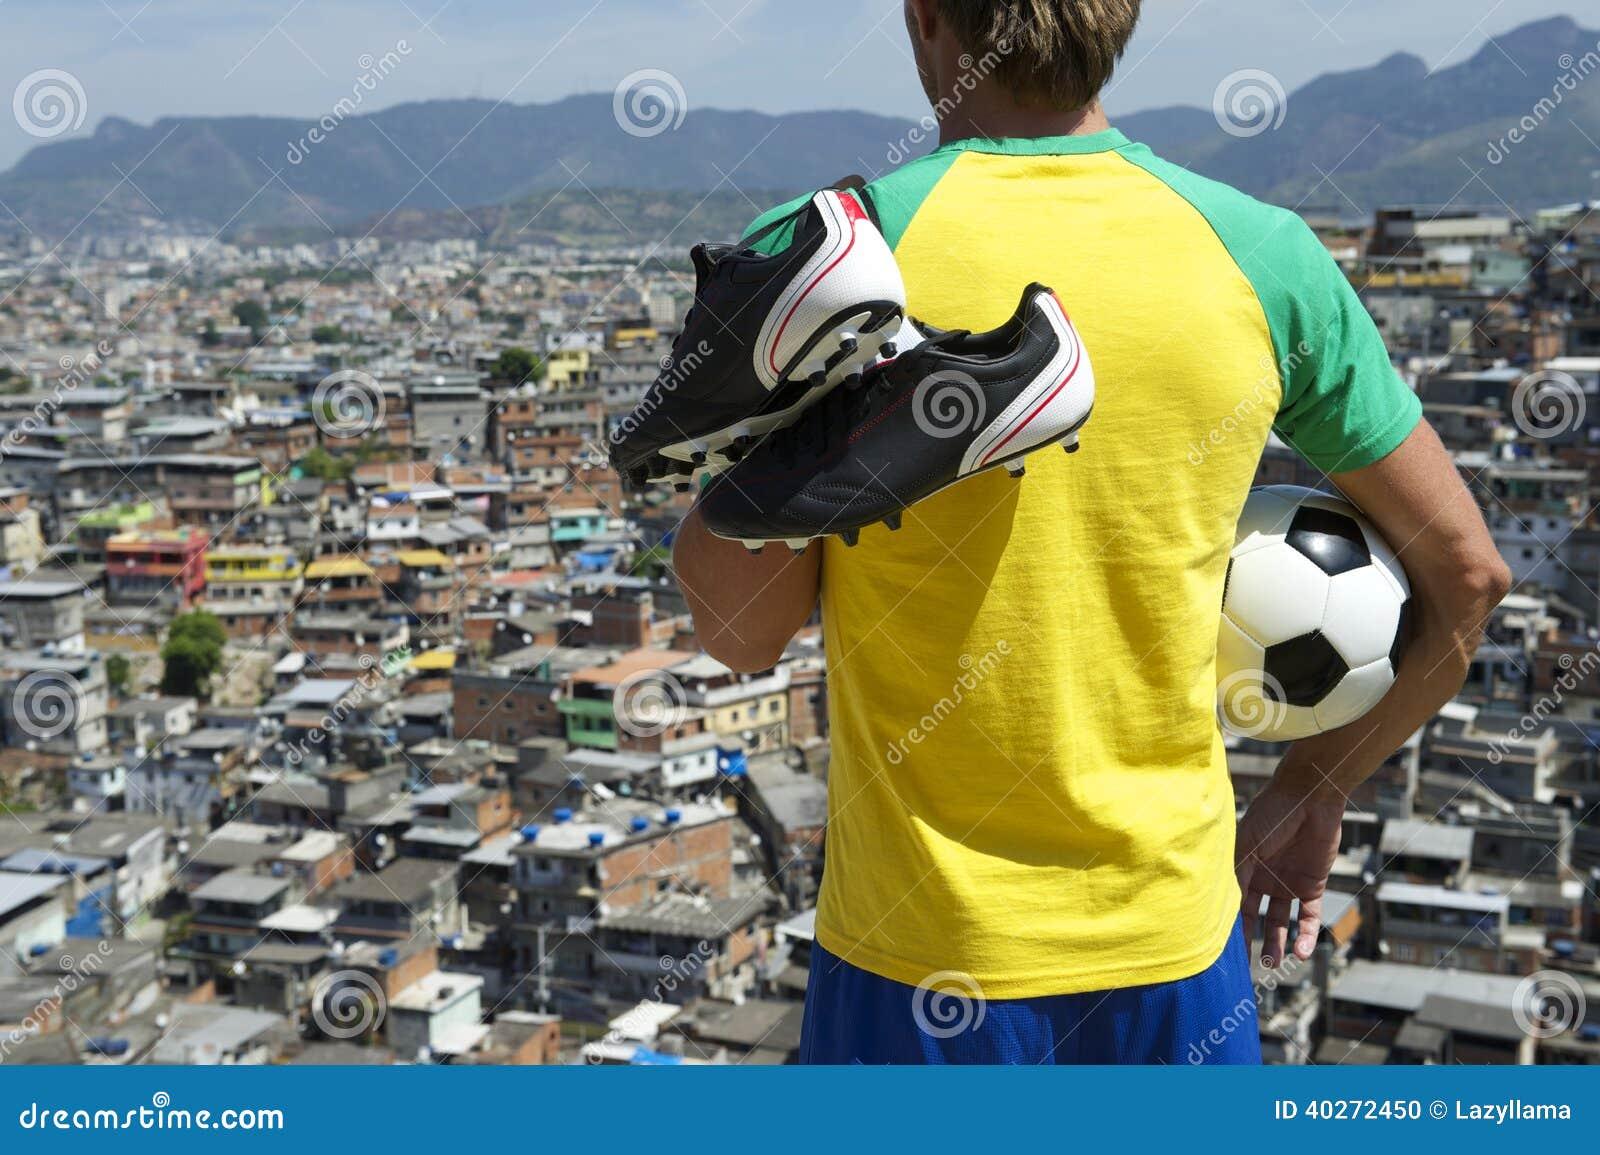 Brasiliansk fotbollsspelare i Kit Holding Soccer Ball Favela